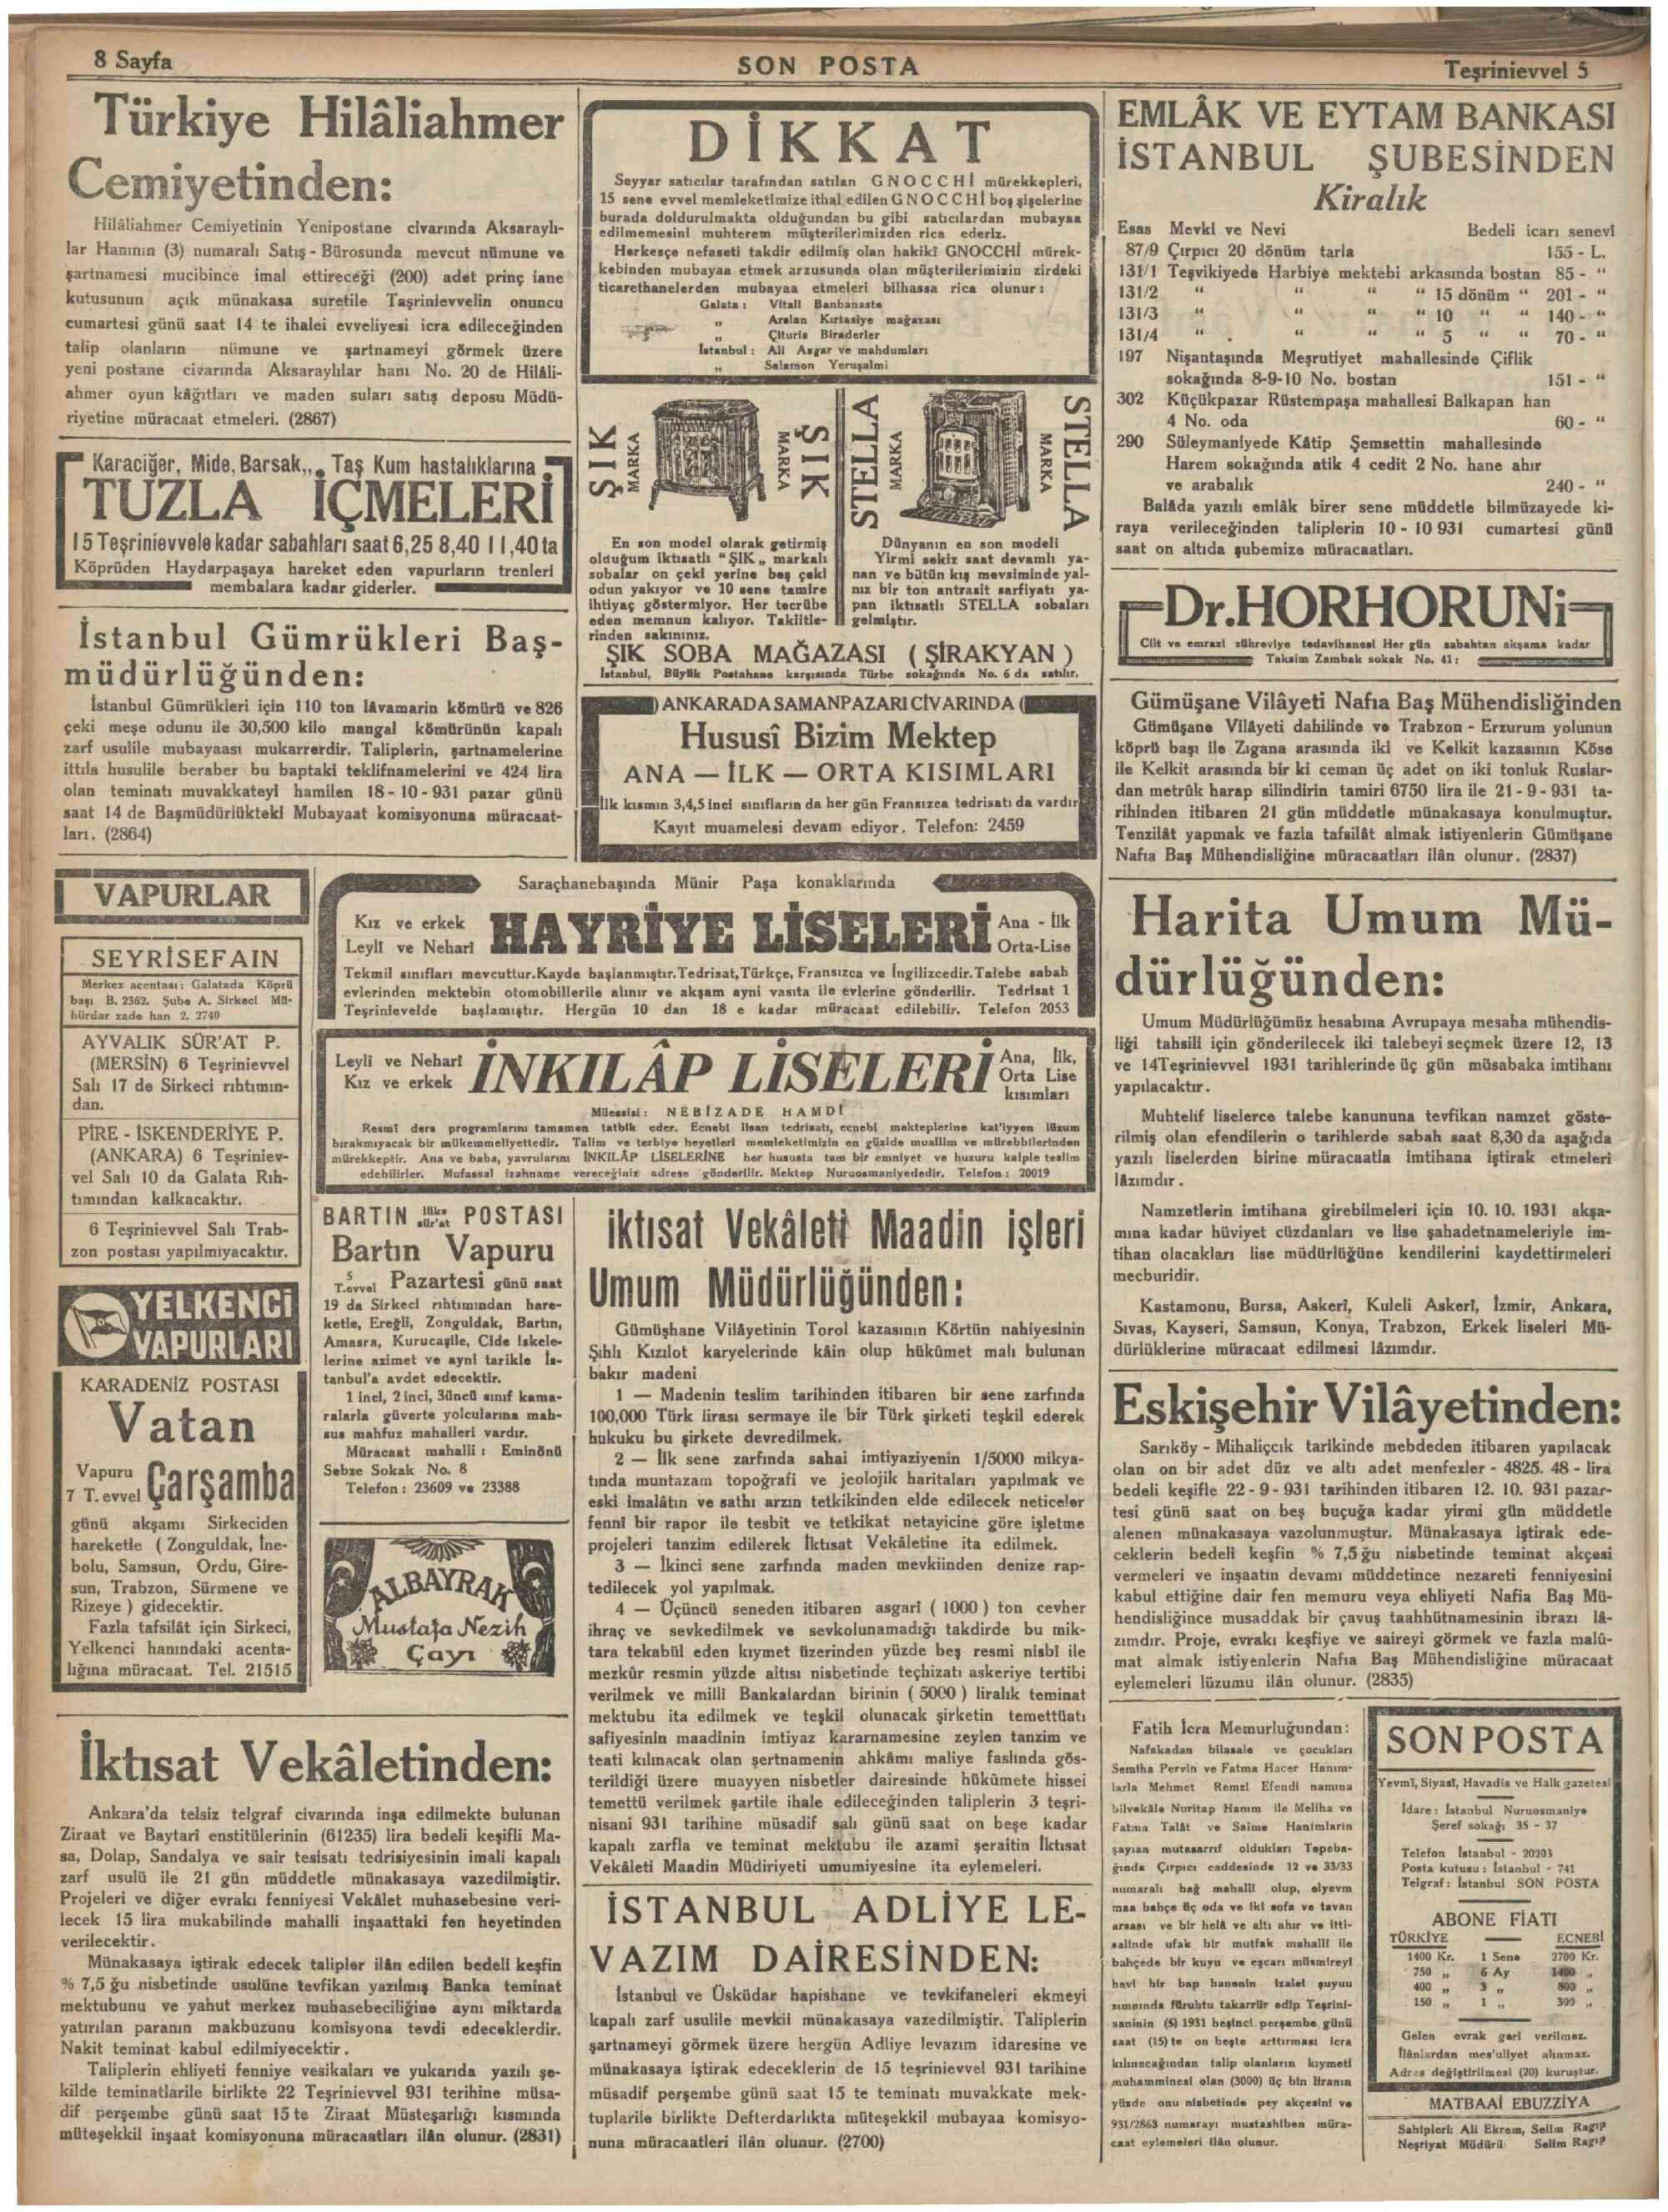 5 Ekim 1931 Tarihli Son Posta Dergisi Sayfa 8